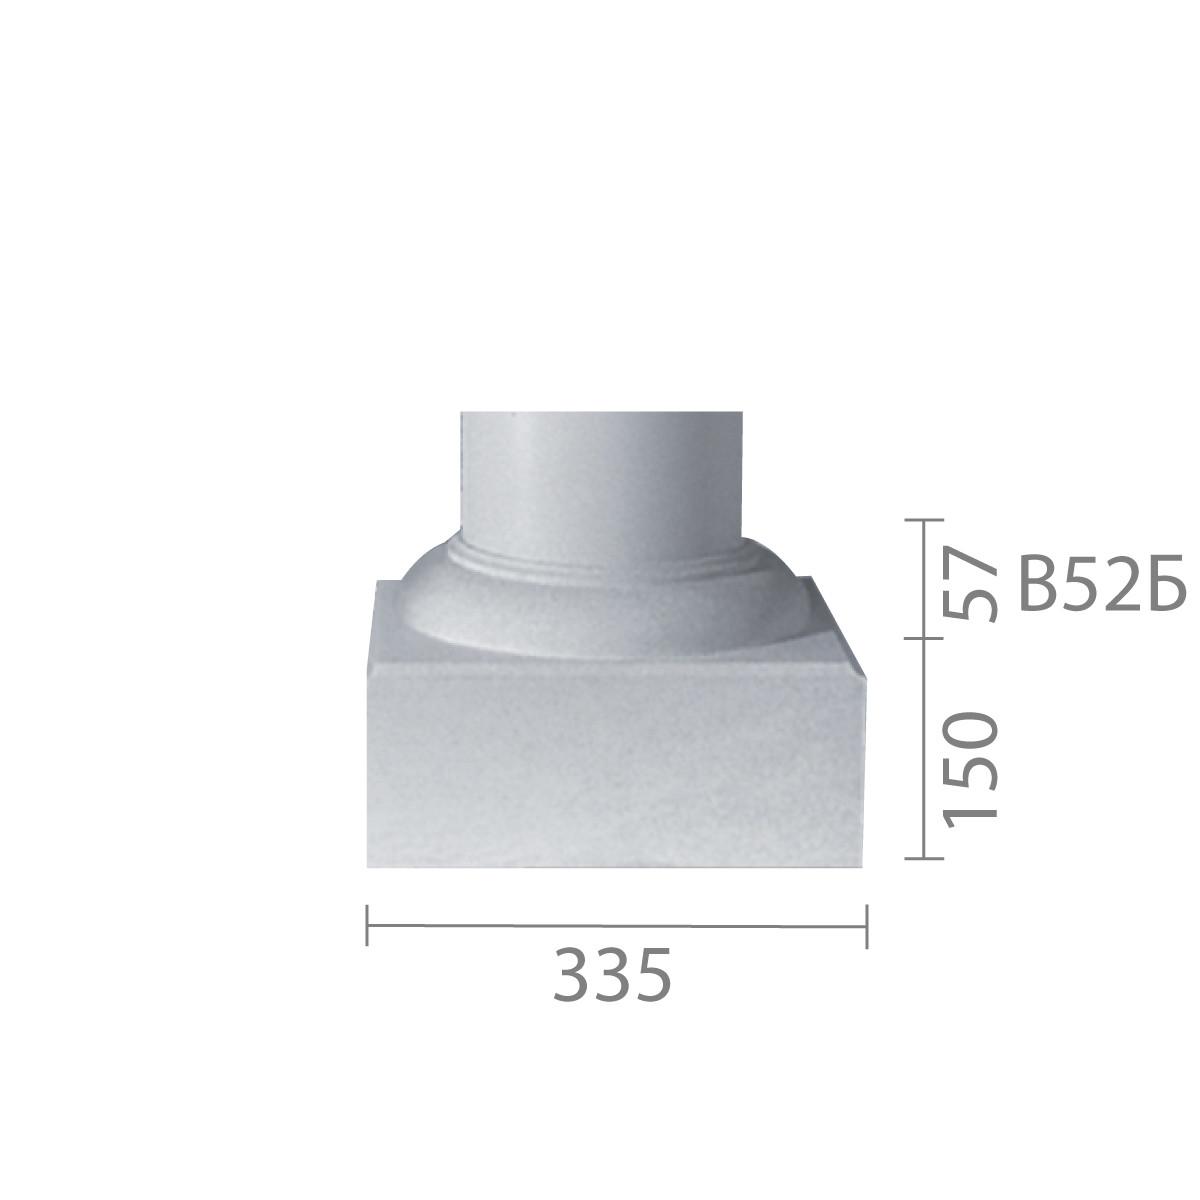 База колони з гіпсу, гіпсова база, основа для колони б-52 (1/2)